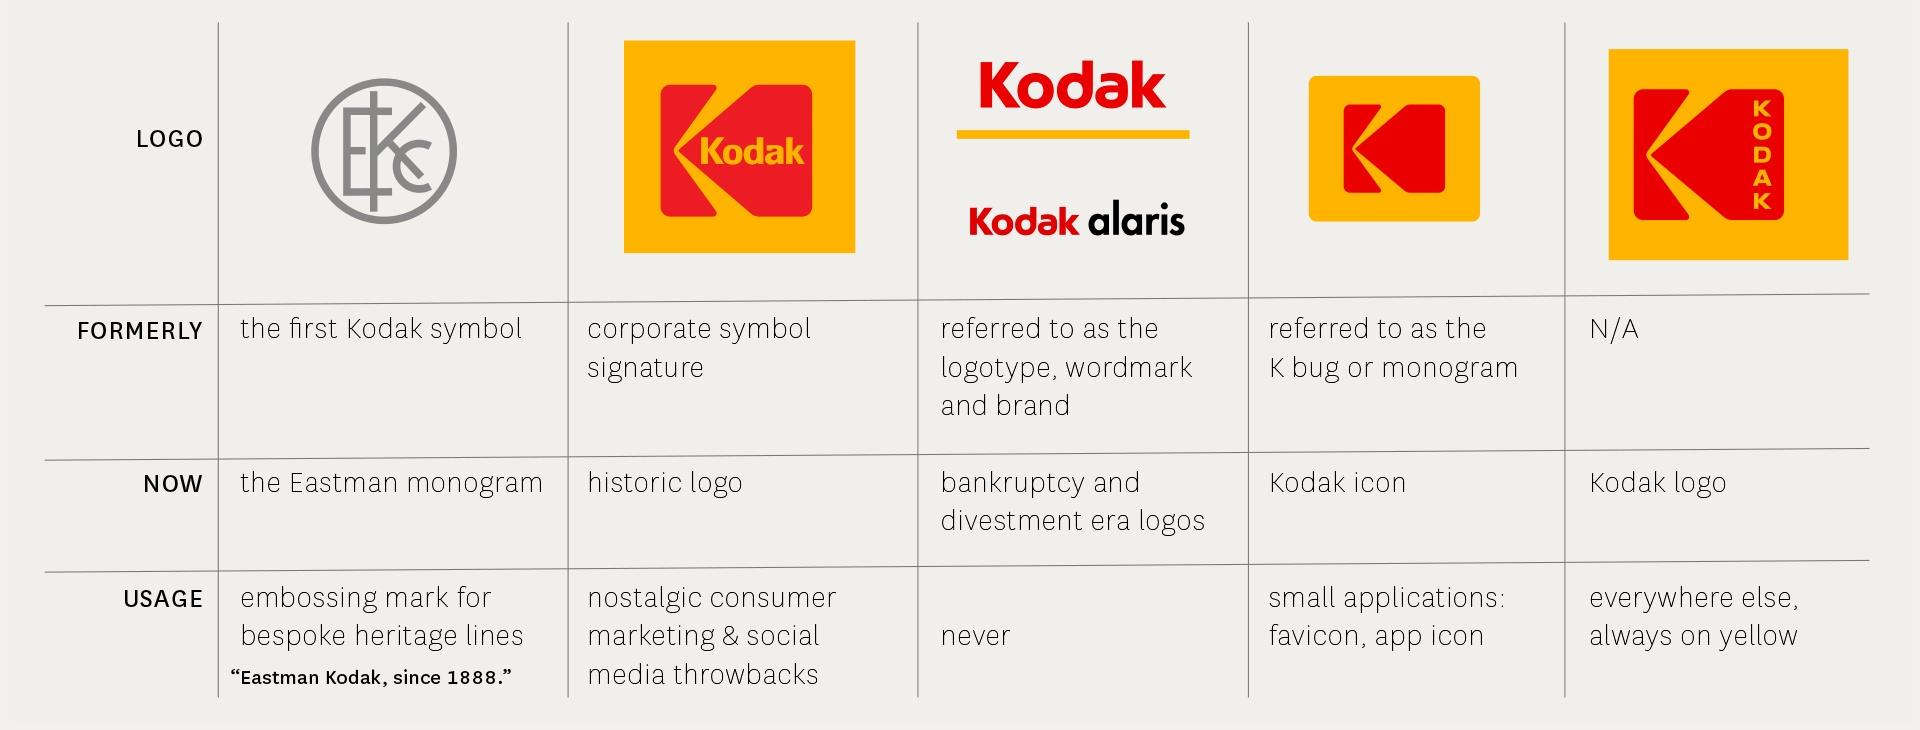 Kodak Work Order